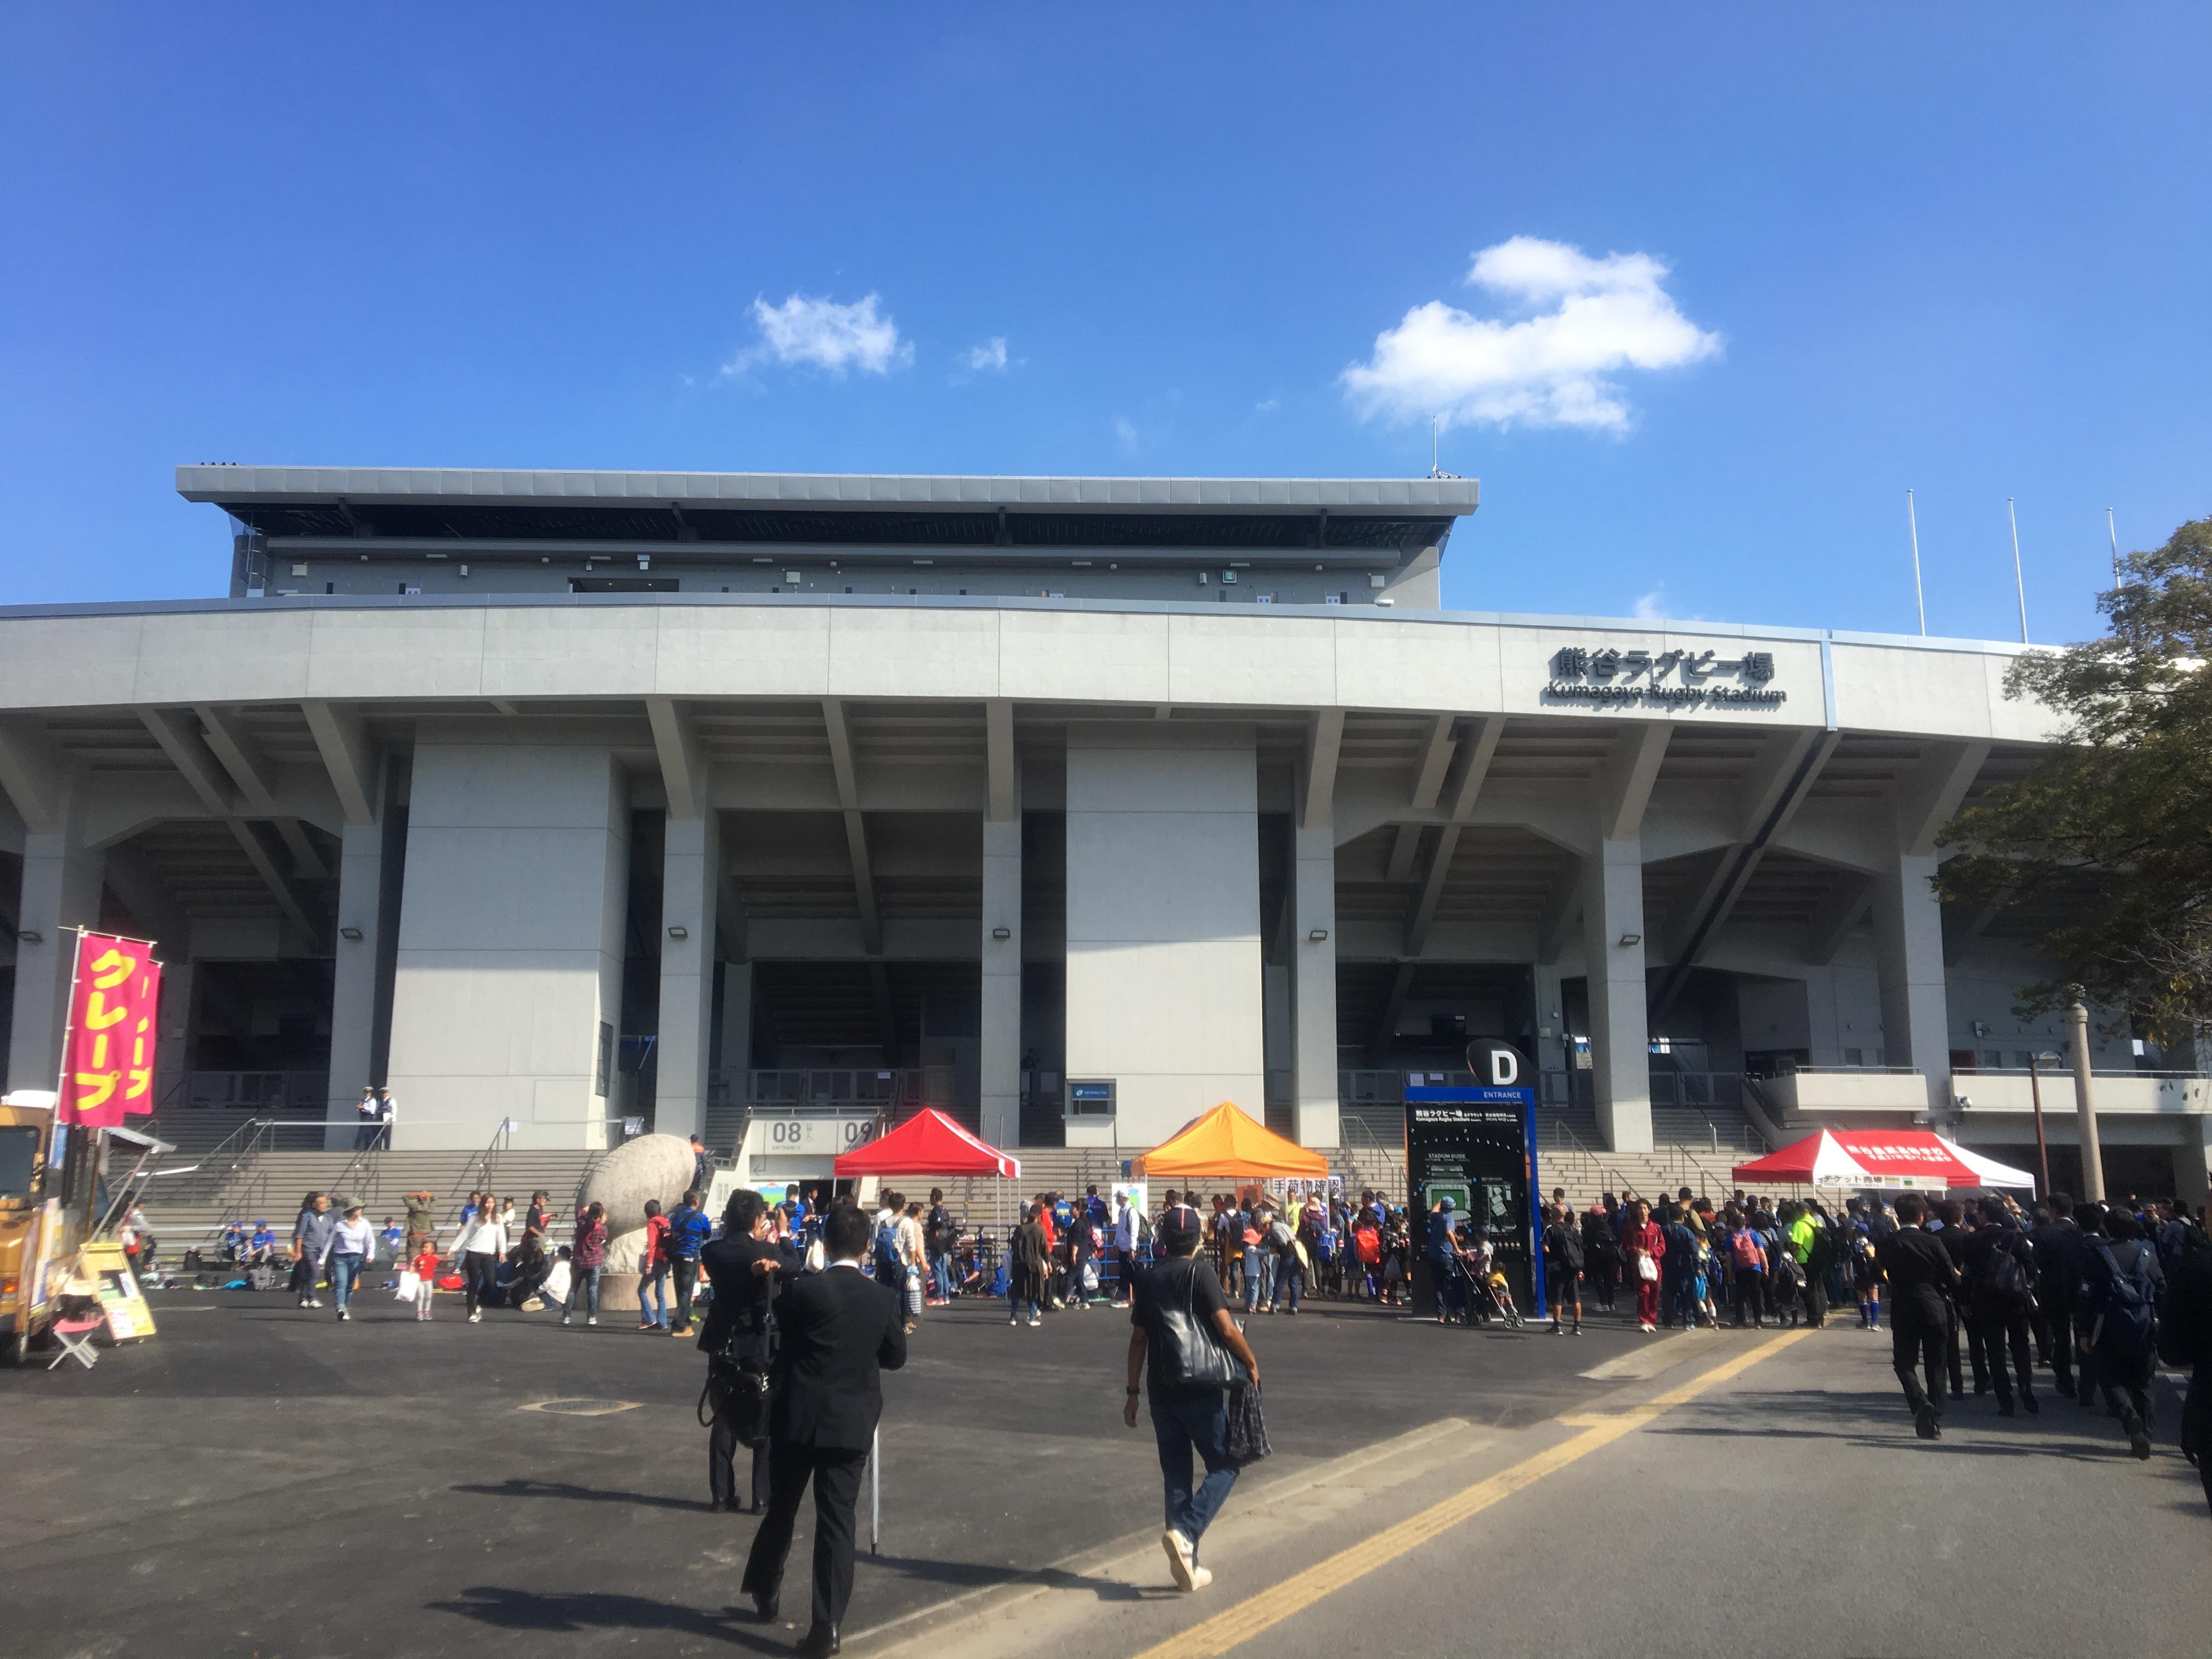 2019年へキックオフ!熊谷ラグビー場こけら落とし試合に行ってみた その1